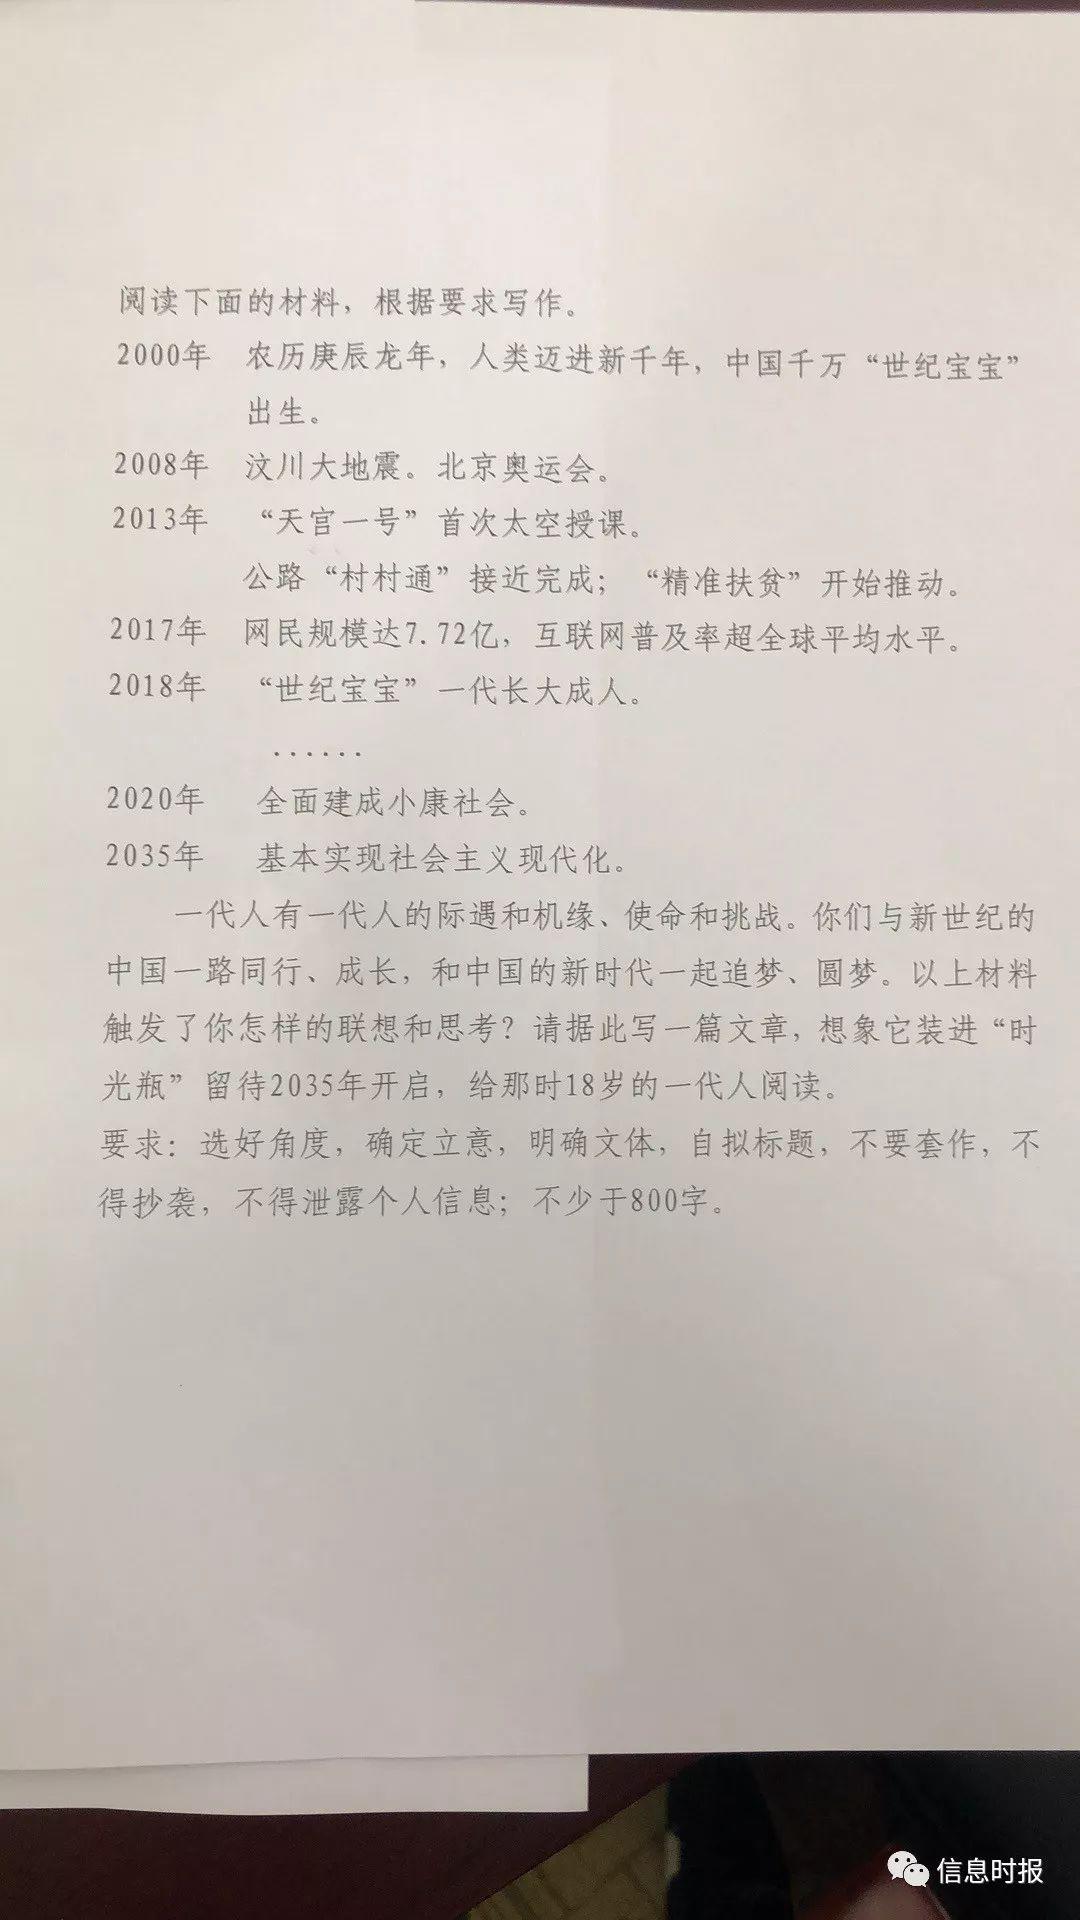 广东高考作文题出炉:一封写给2035年的信!图片